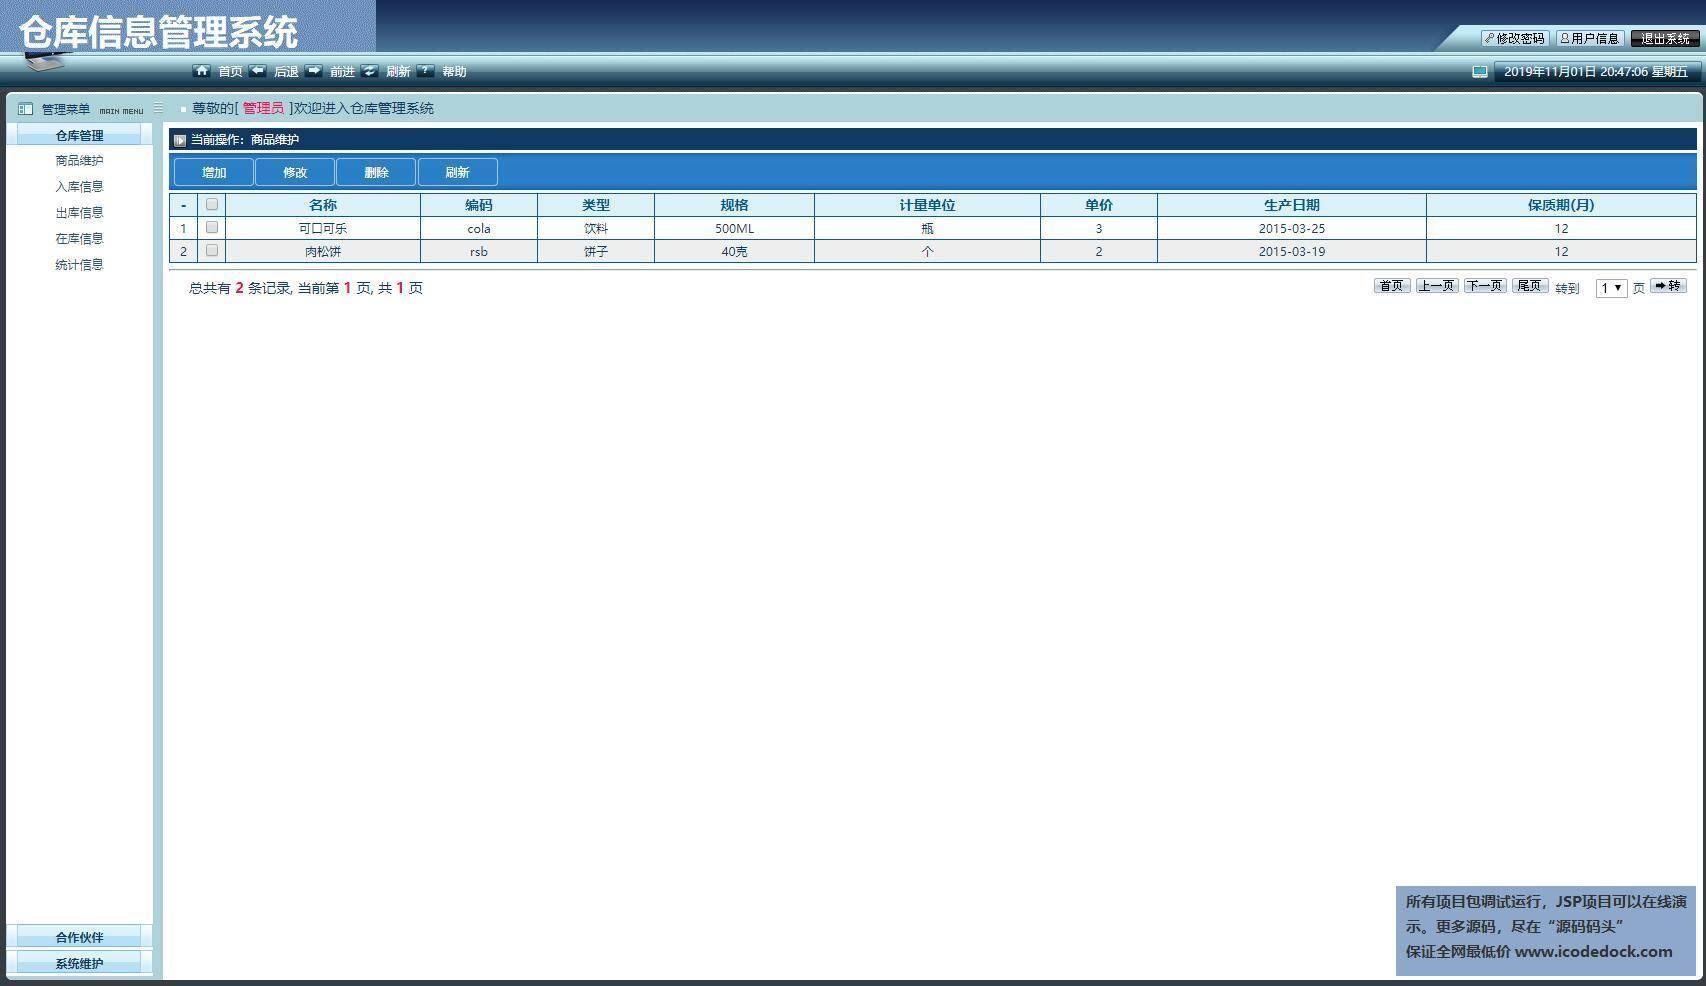 源码码头-SSH仓储管理系统-管理员角色-商品维护